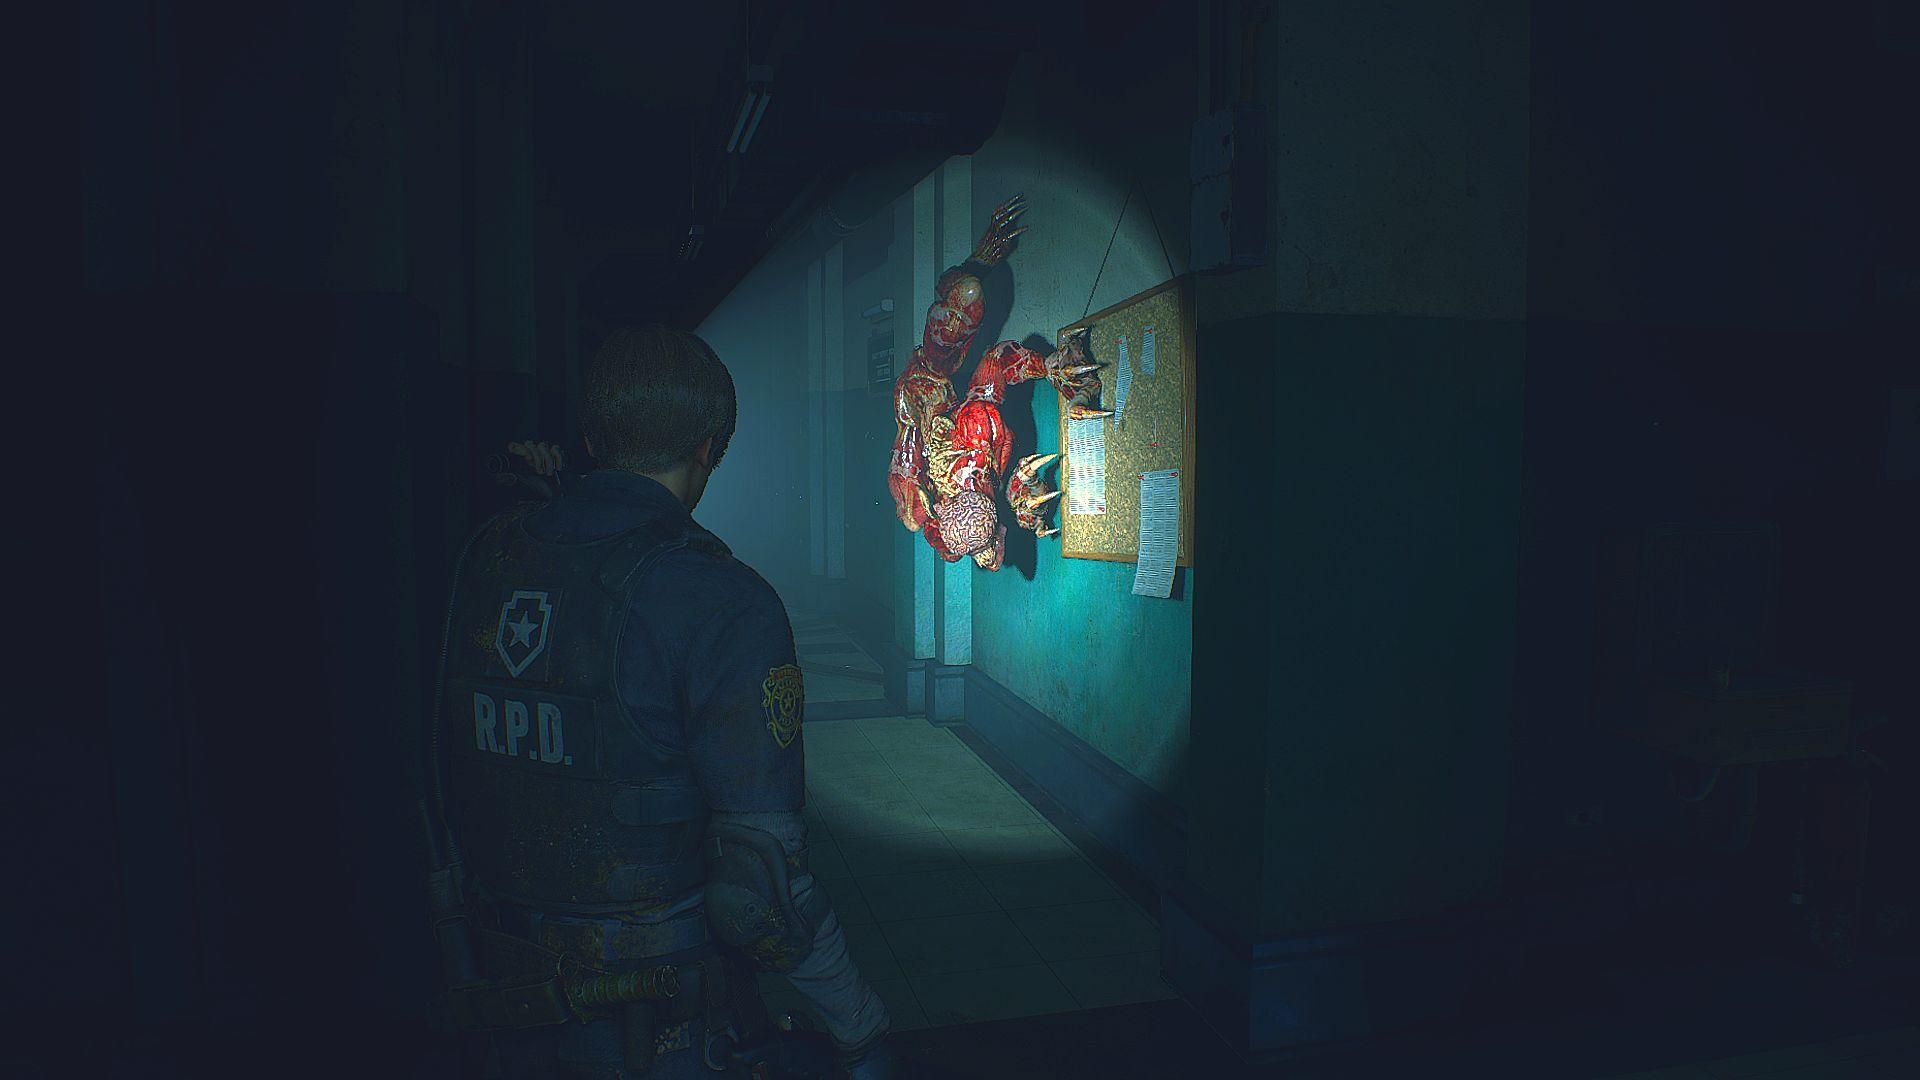 000106.Jpg - Resident Evil 2